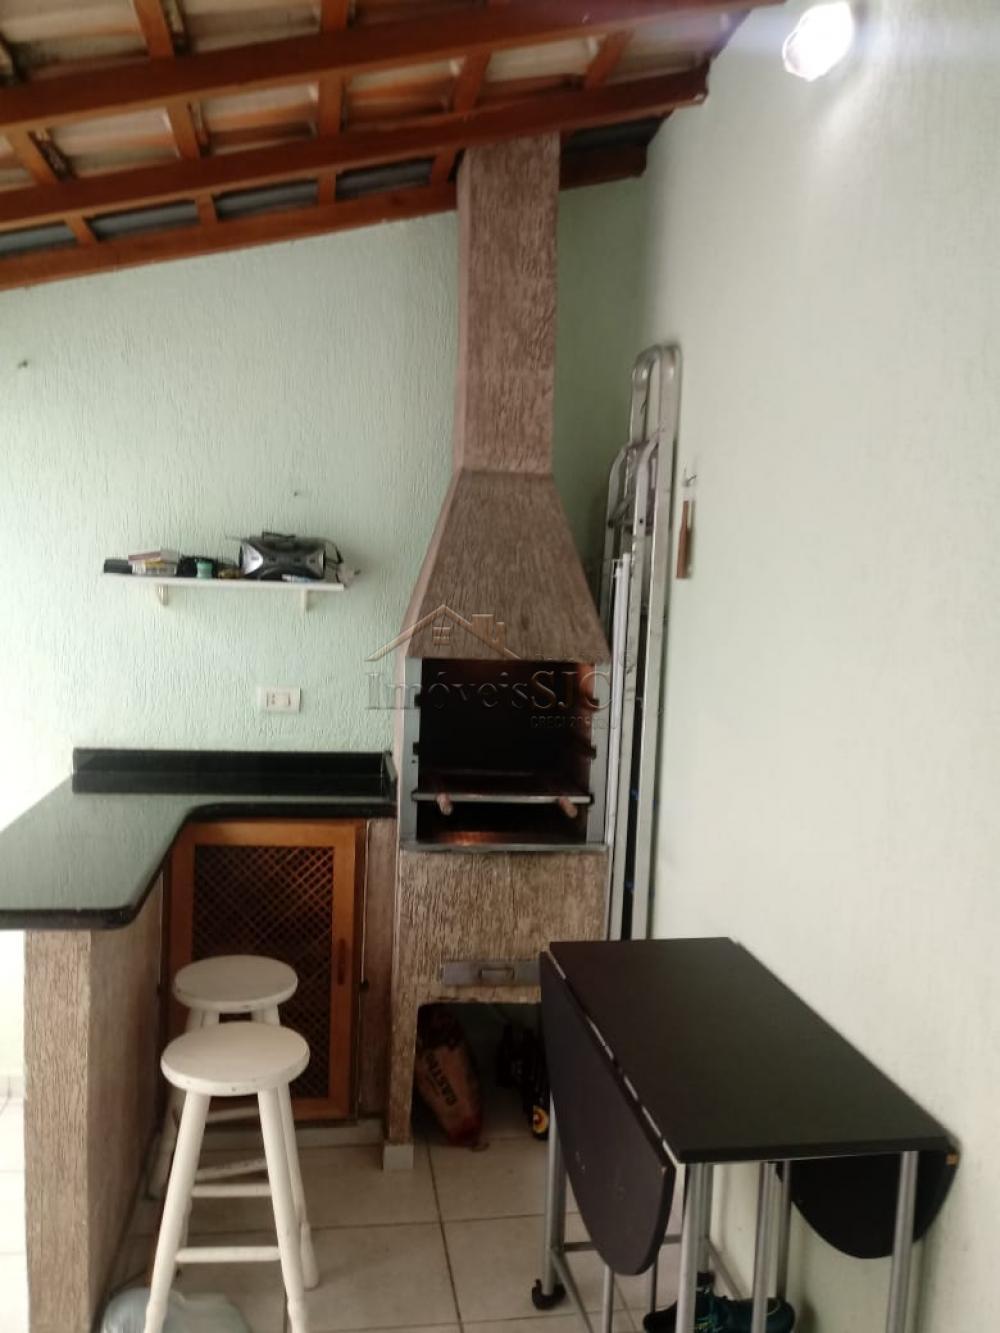 Comprar Casas / Padrão em São José dos Campos apenas R$ 250.000,00 - Foto 15